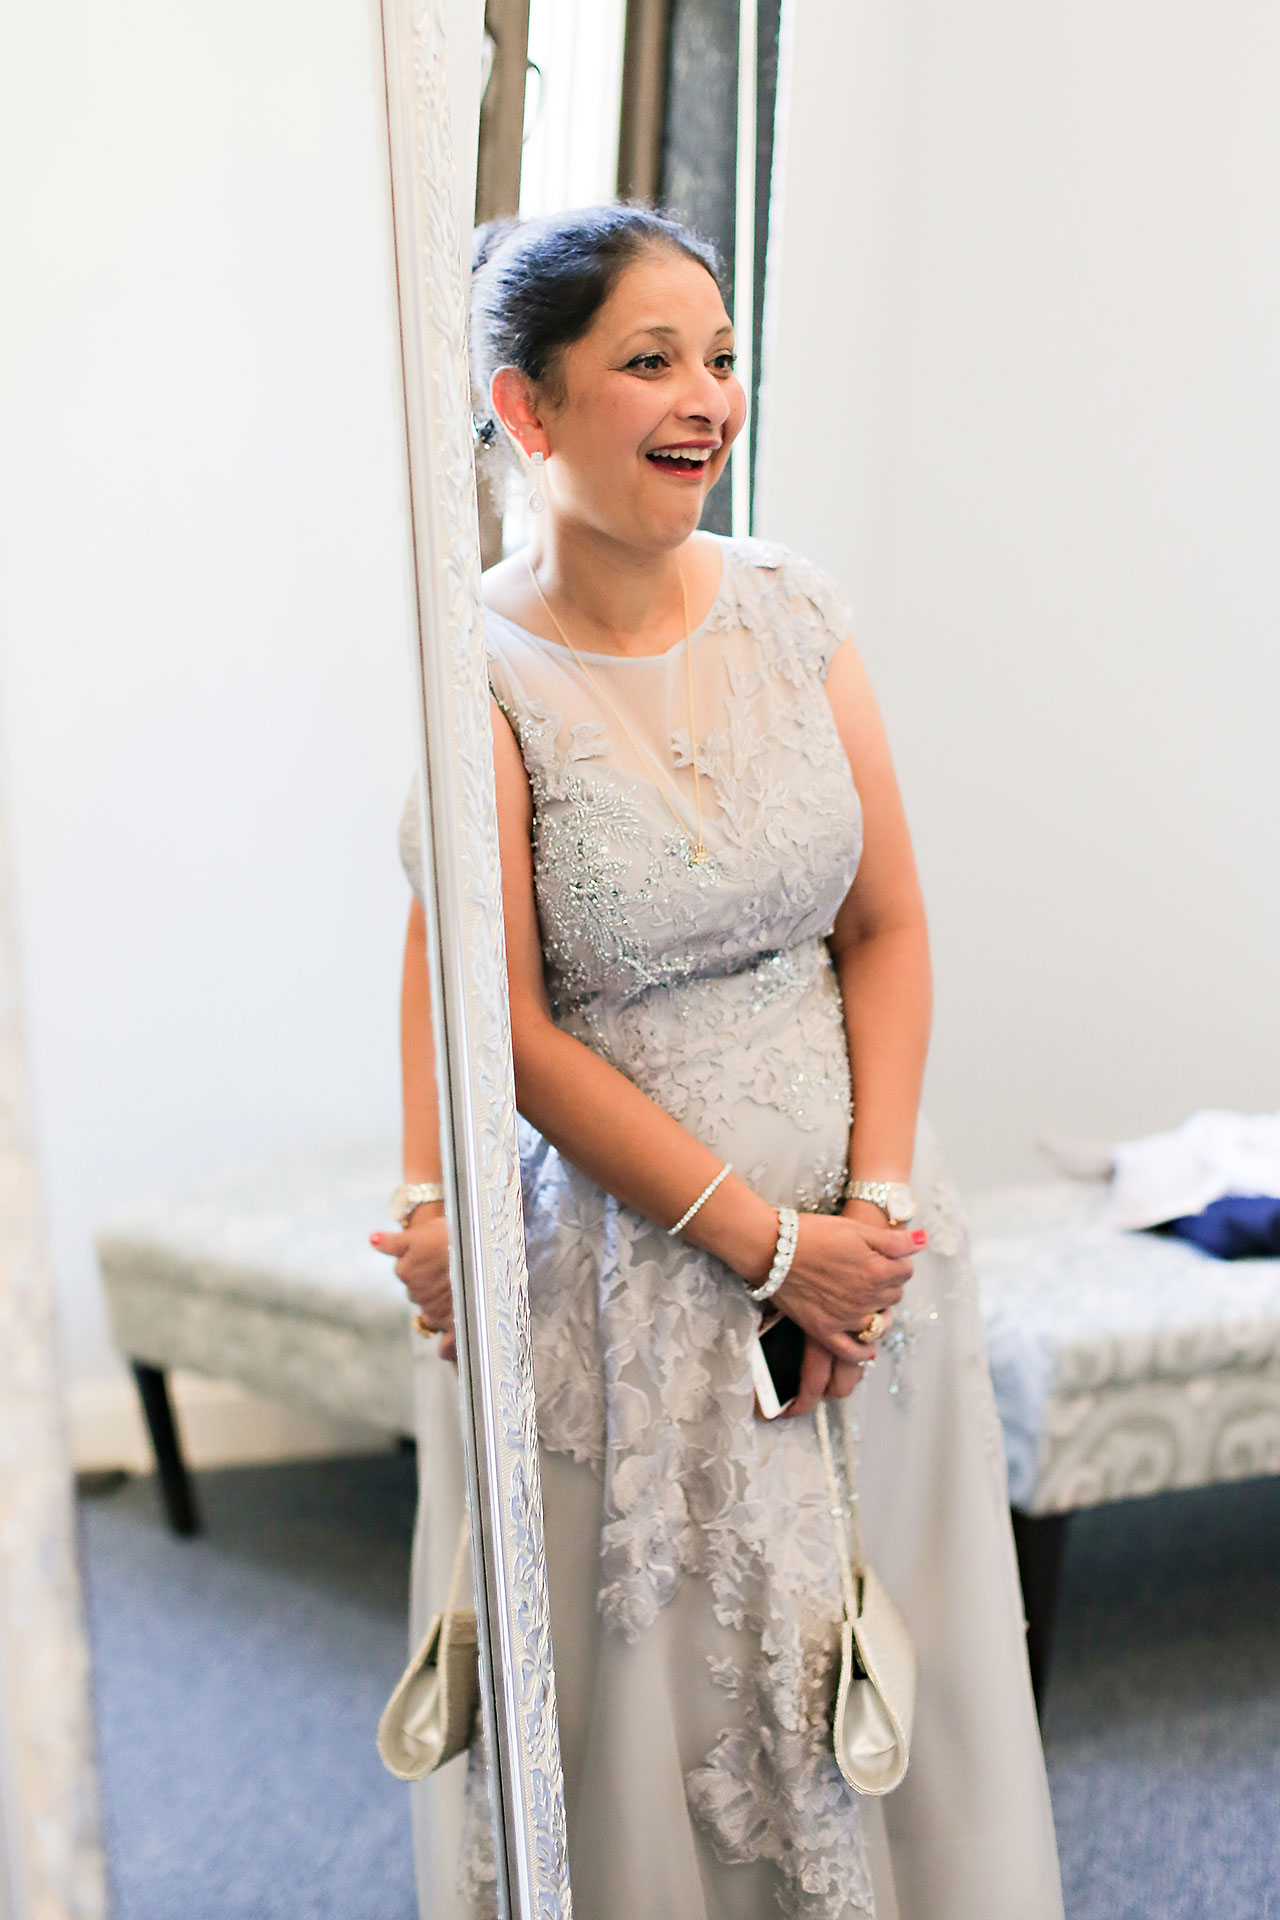 Joie Nikhil Indianapolis Christian Wedding 045